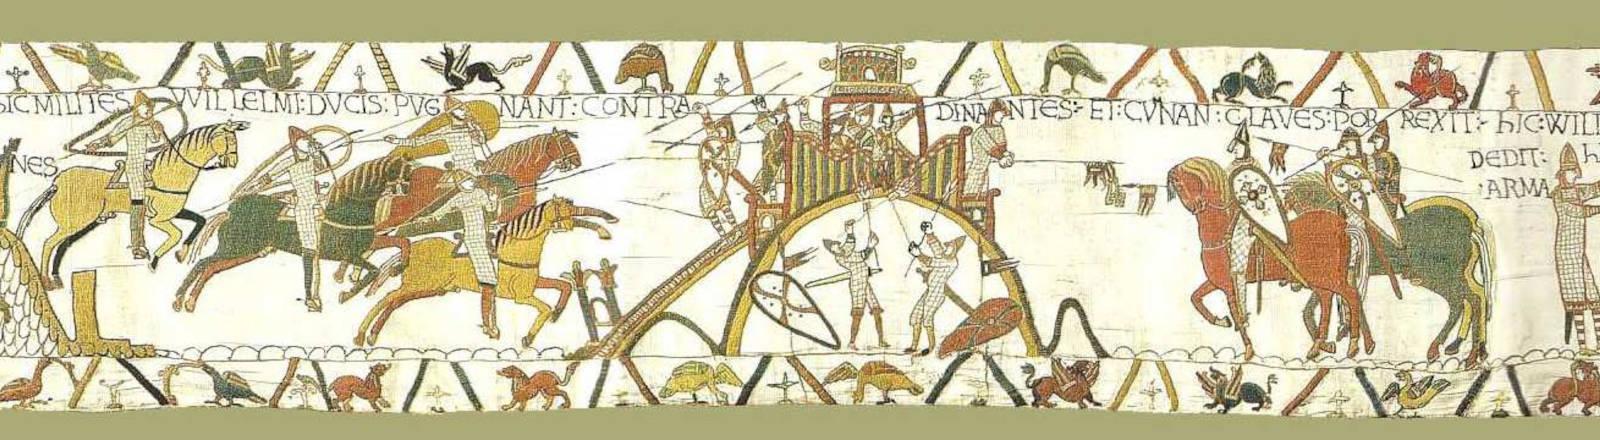 Ein Teil des Teppichs von Bayeux, das die Schlacht bei Hastings zeigt